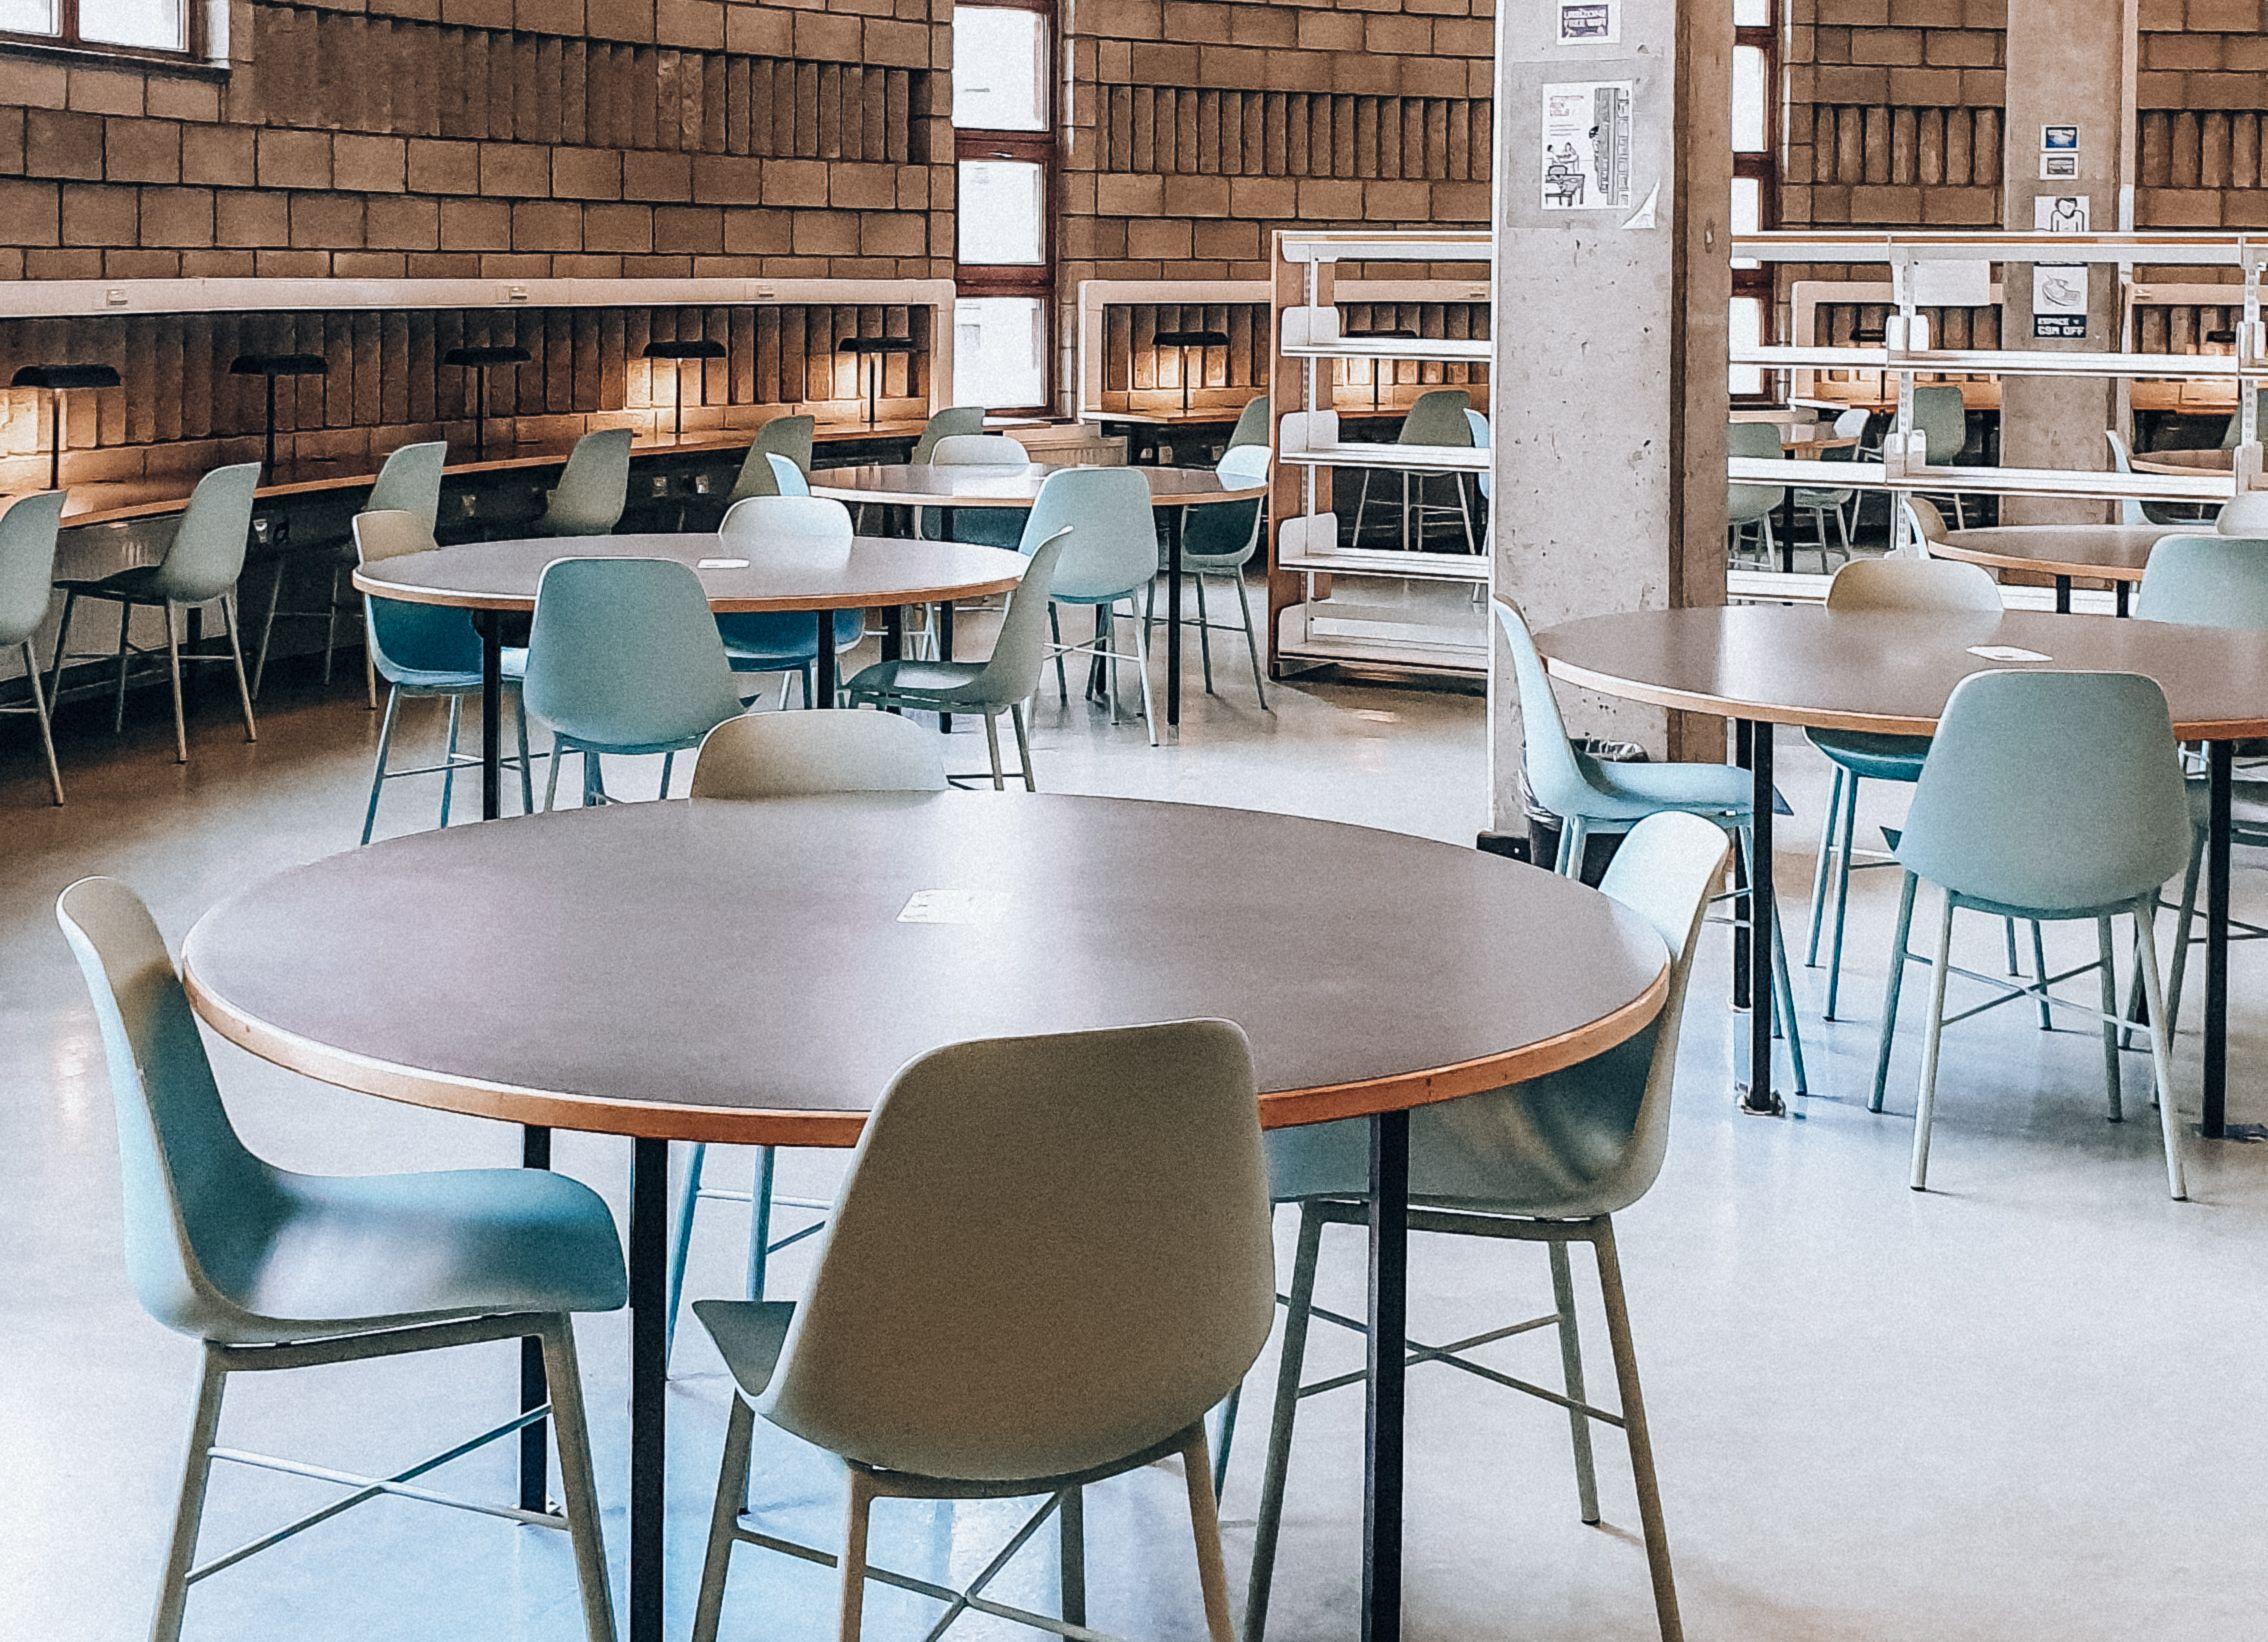 Réservation d'une place en bibliothèque